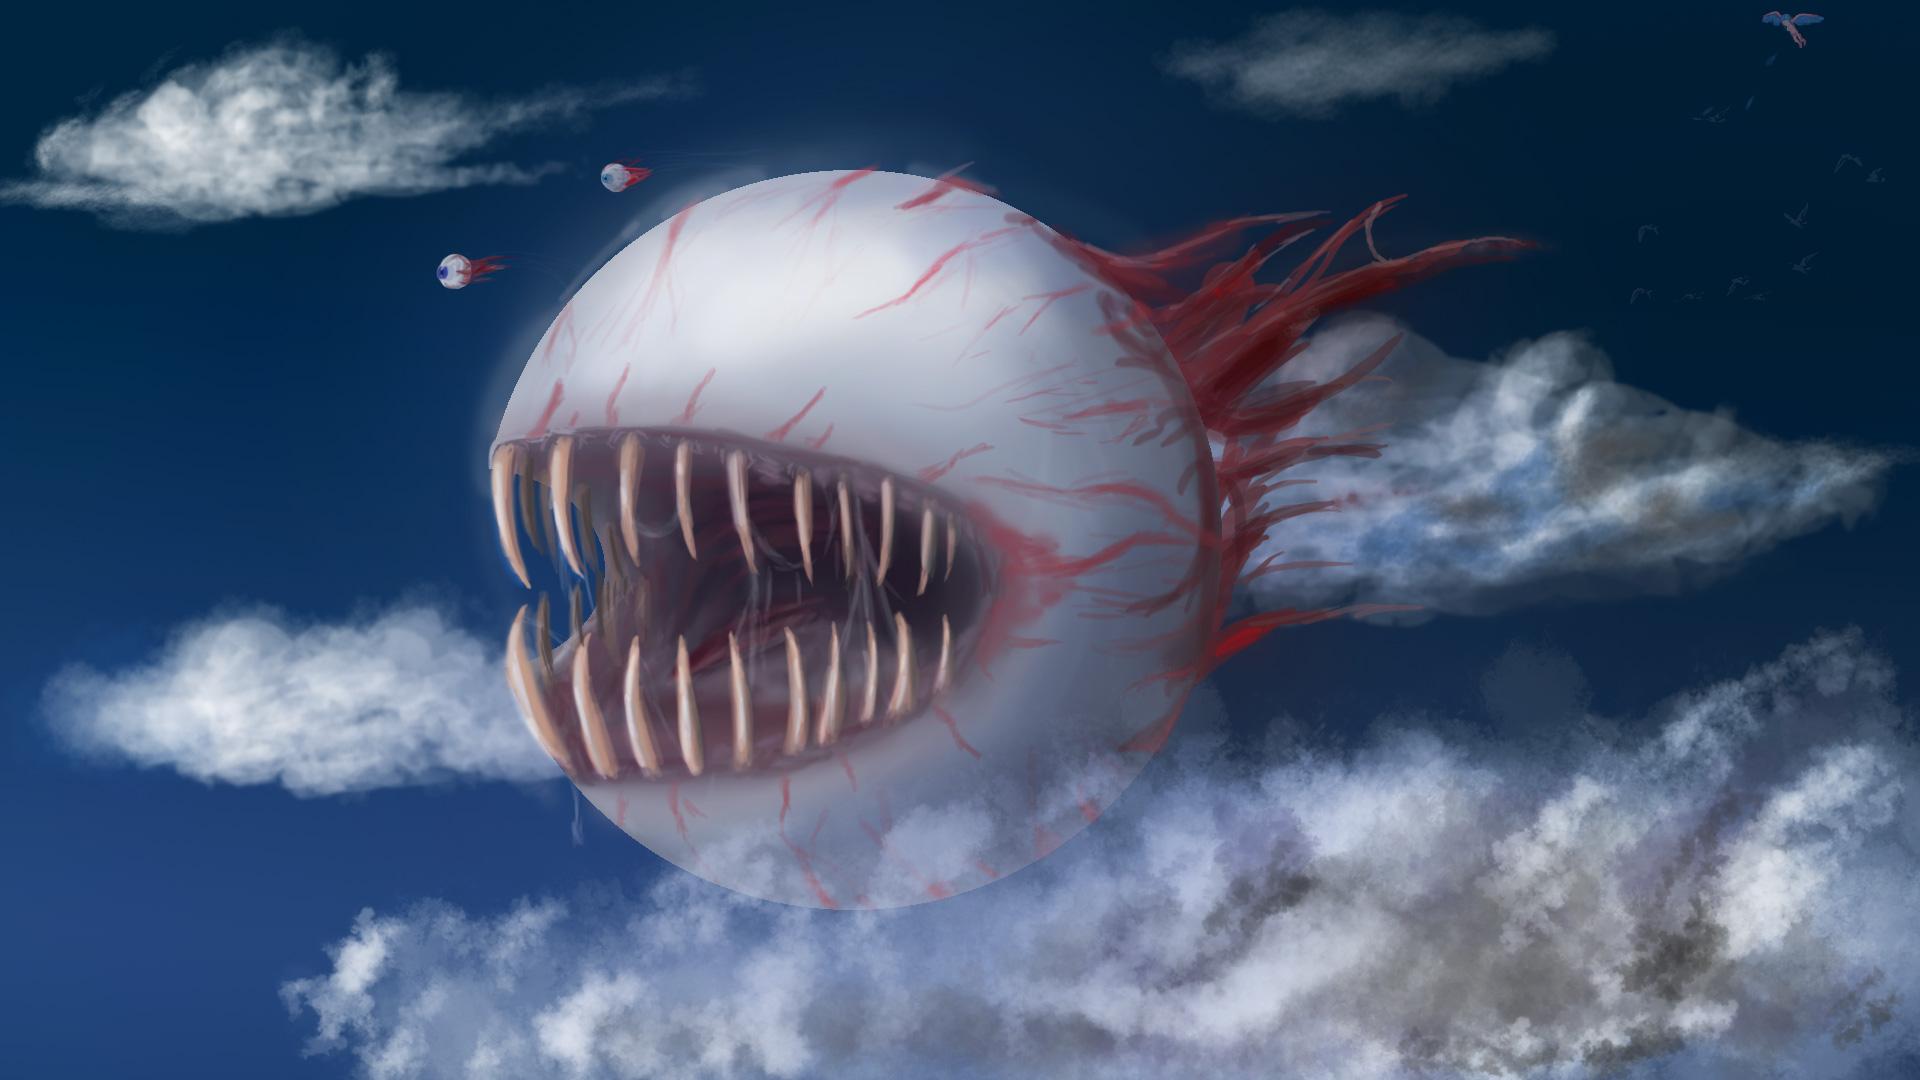 terraria the eye of cthulhu